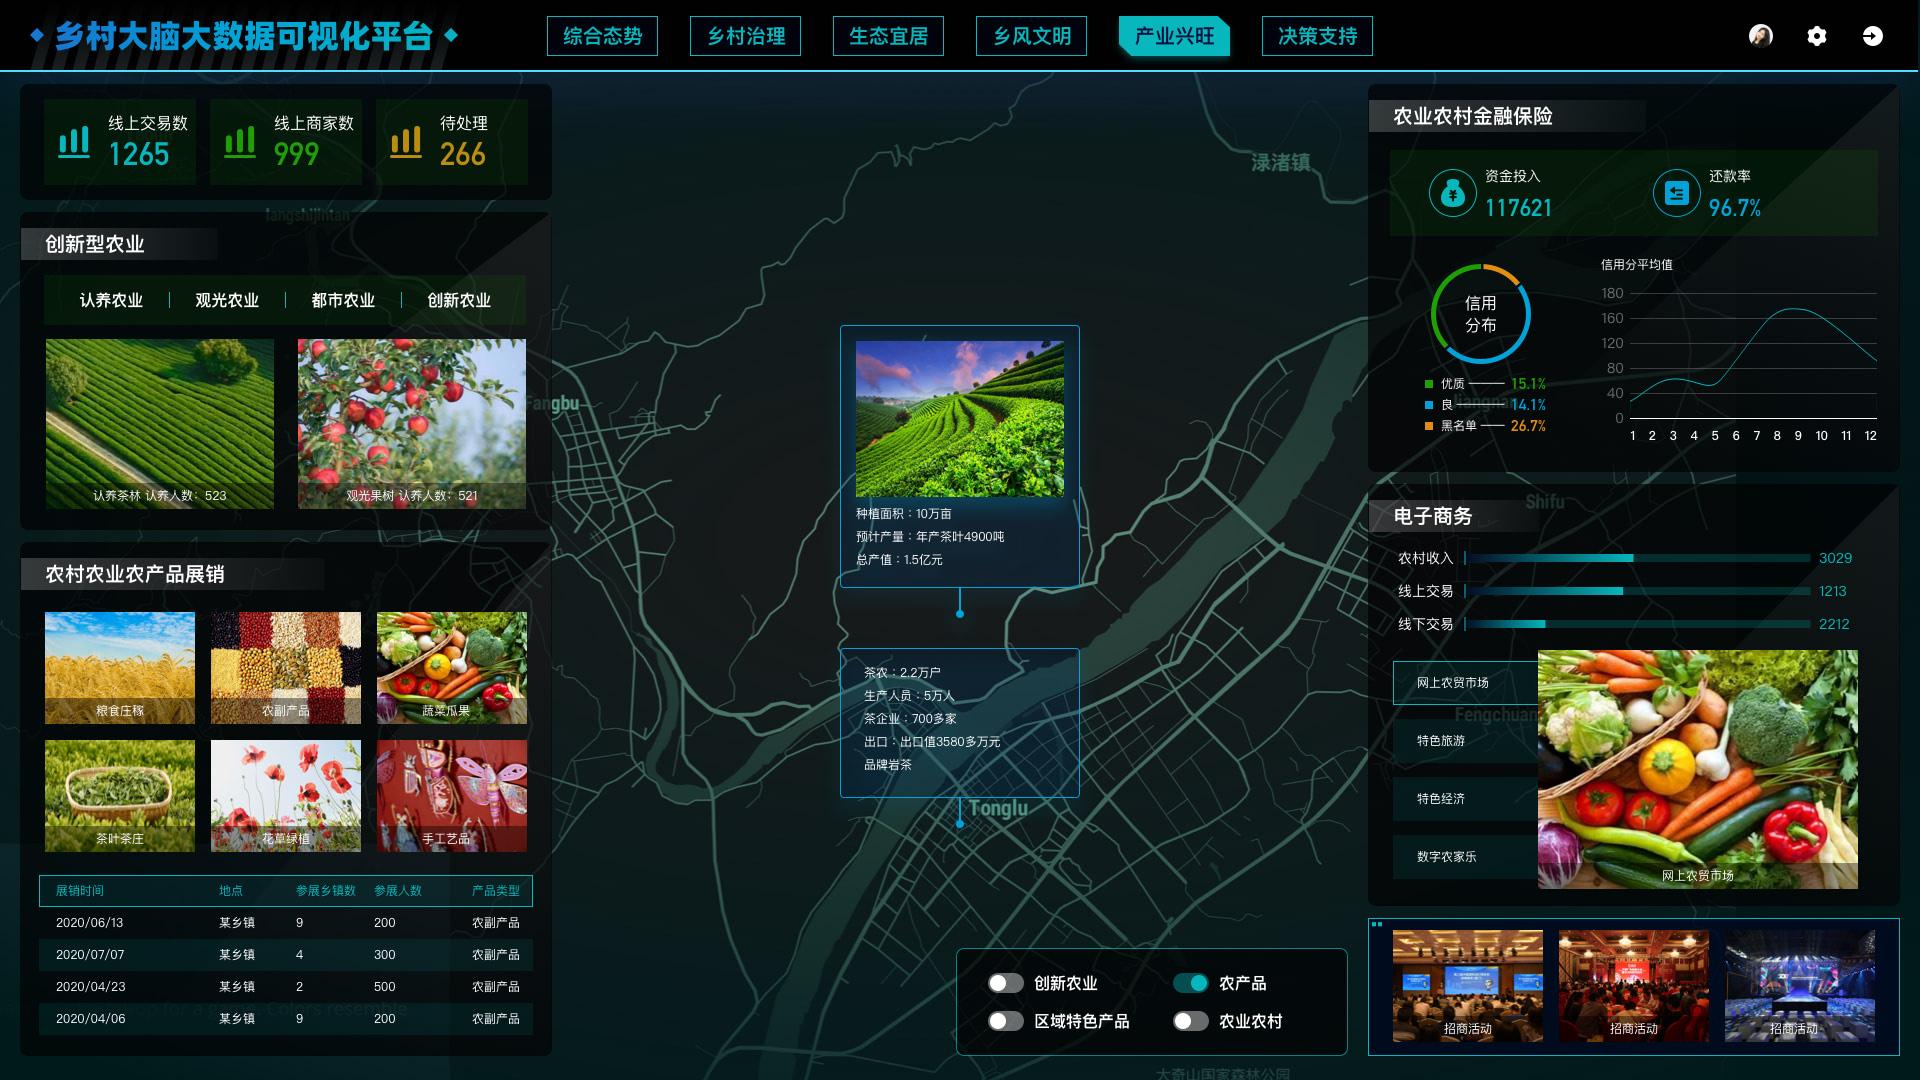 乡村大脑大数据可视化平台-产业兴旺.jpg